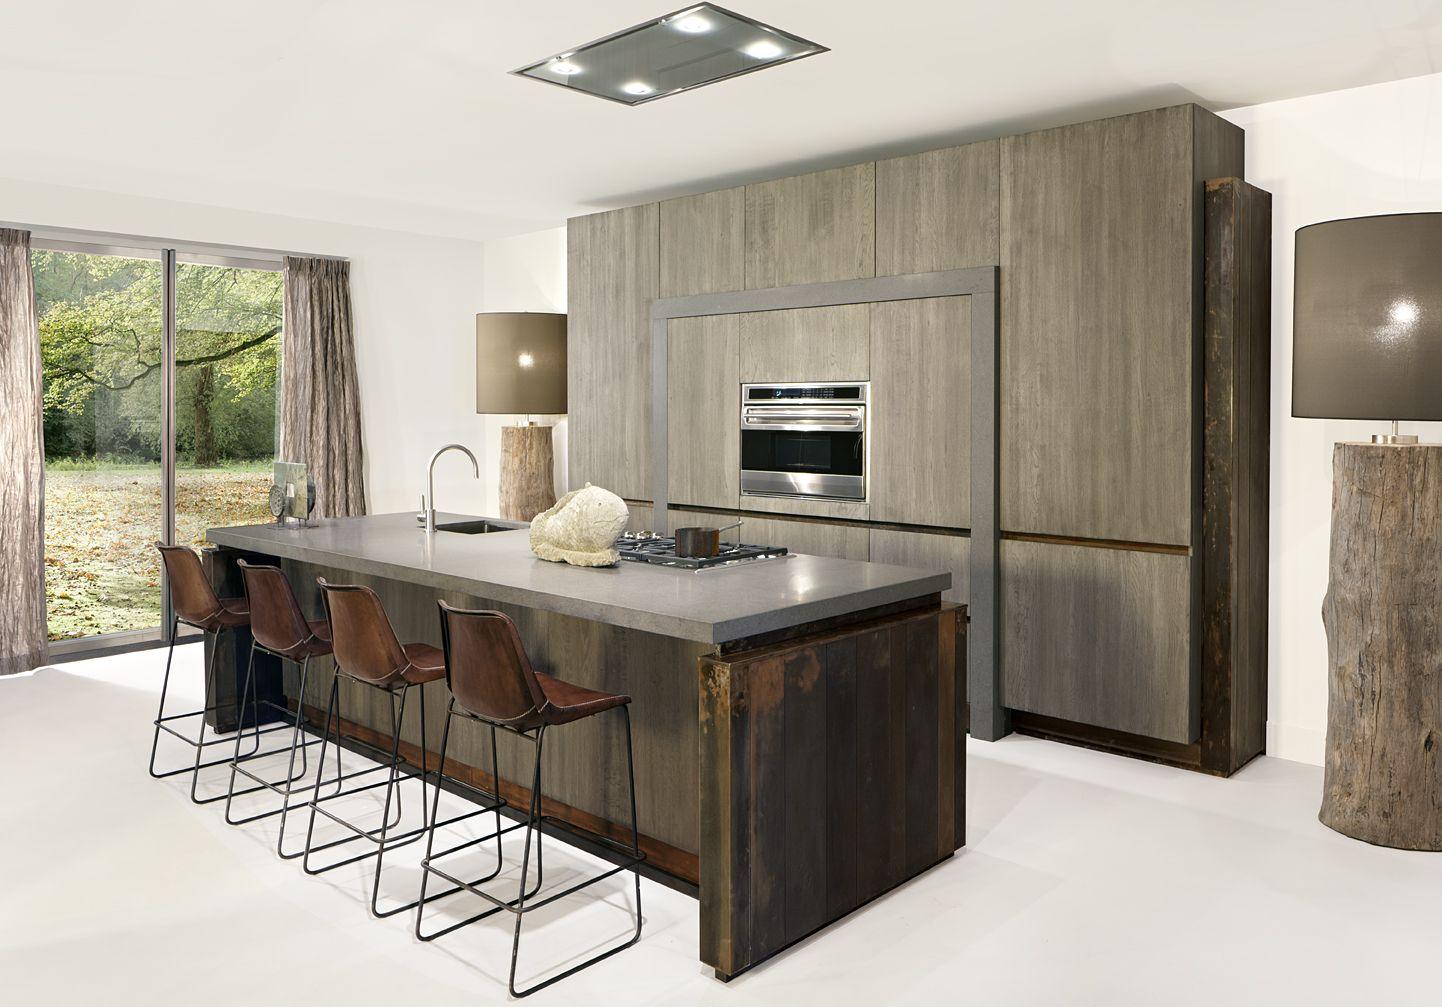 Interieur en woonideeën voor u | Tinello Keuken & Interieur - Copper ...